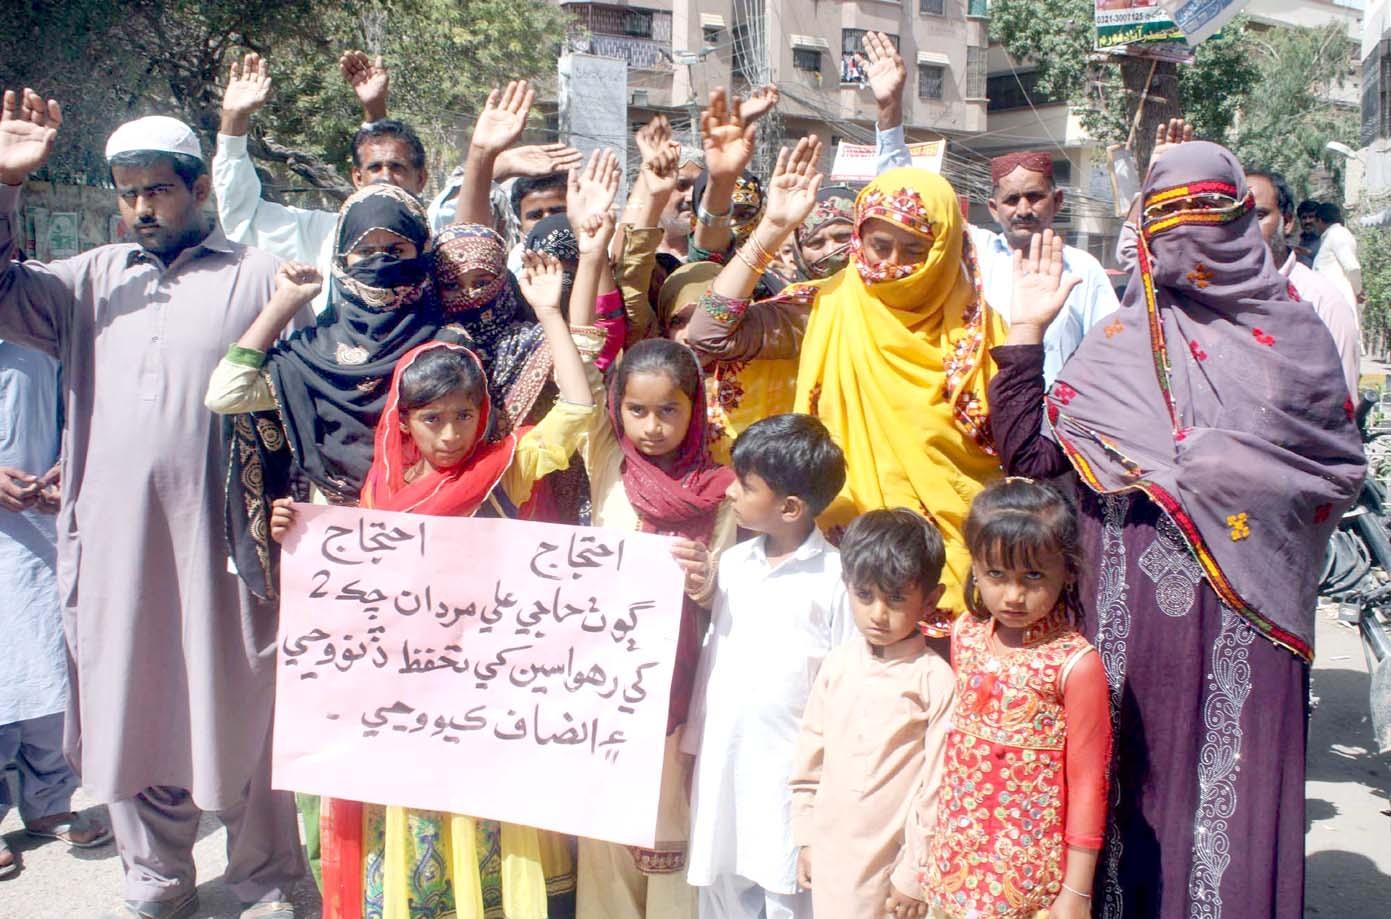 حیدرآباد،نوابشاہ کے رہائشی بااثر افراد سے تحفظ کے لیے پریس کلب کے سامنے مظاہرہ کررہے ہیں